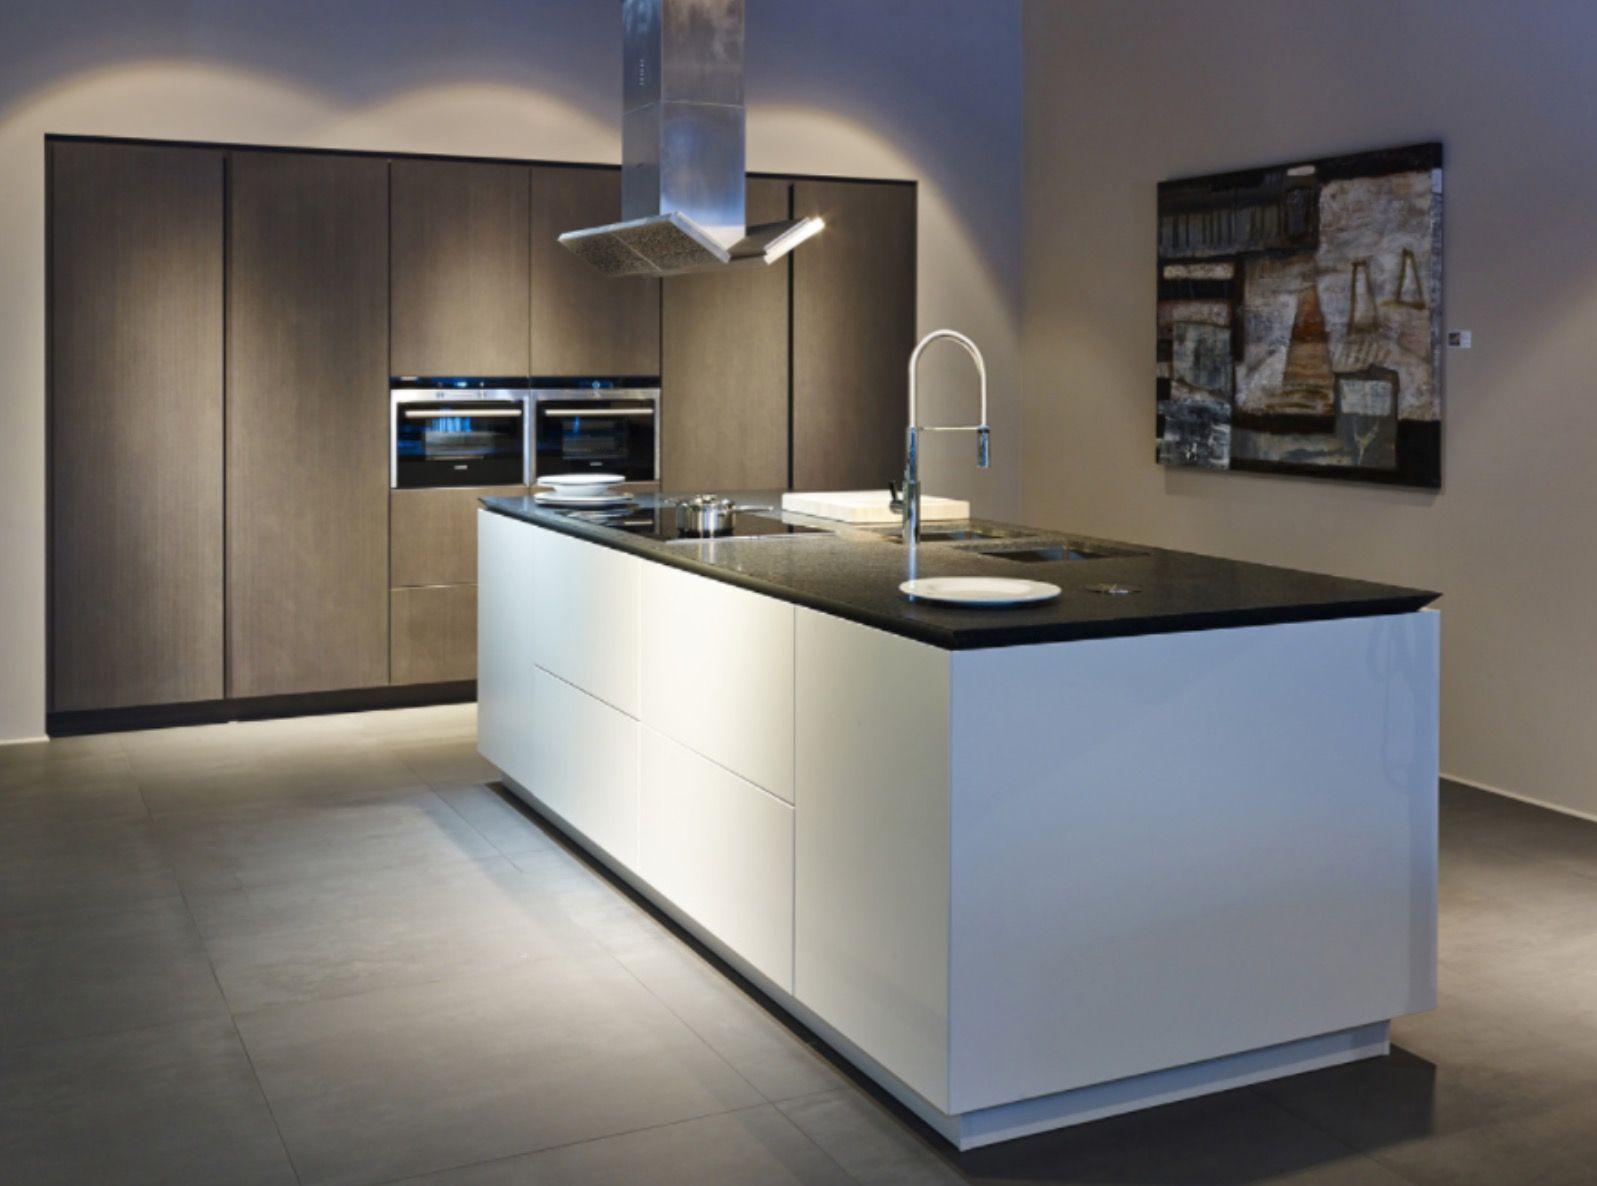 Pin von david auf cocina   Pinterest   Haus und wohnen, Fußboden und ...